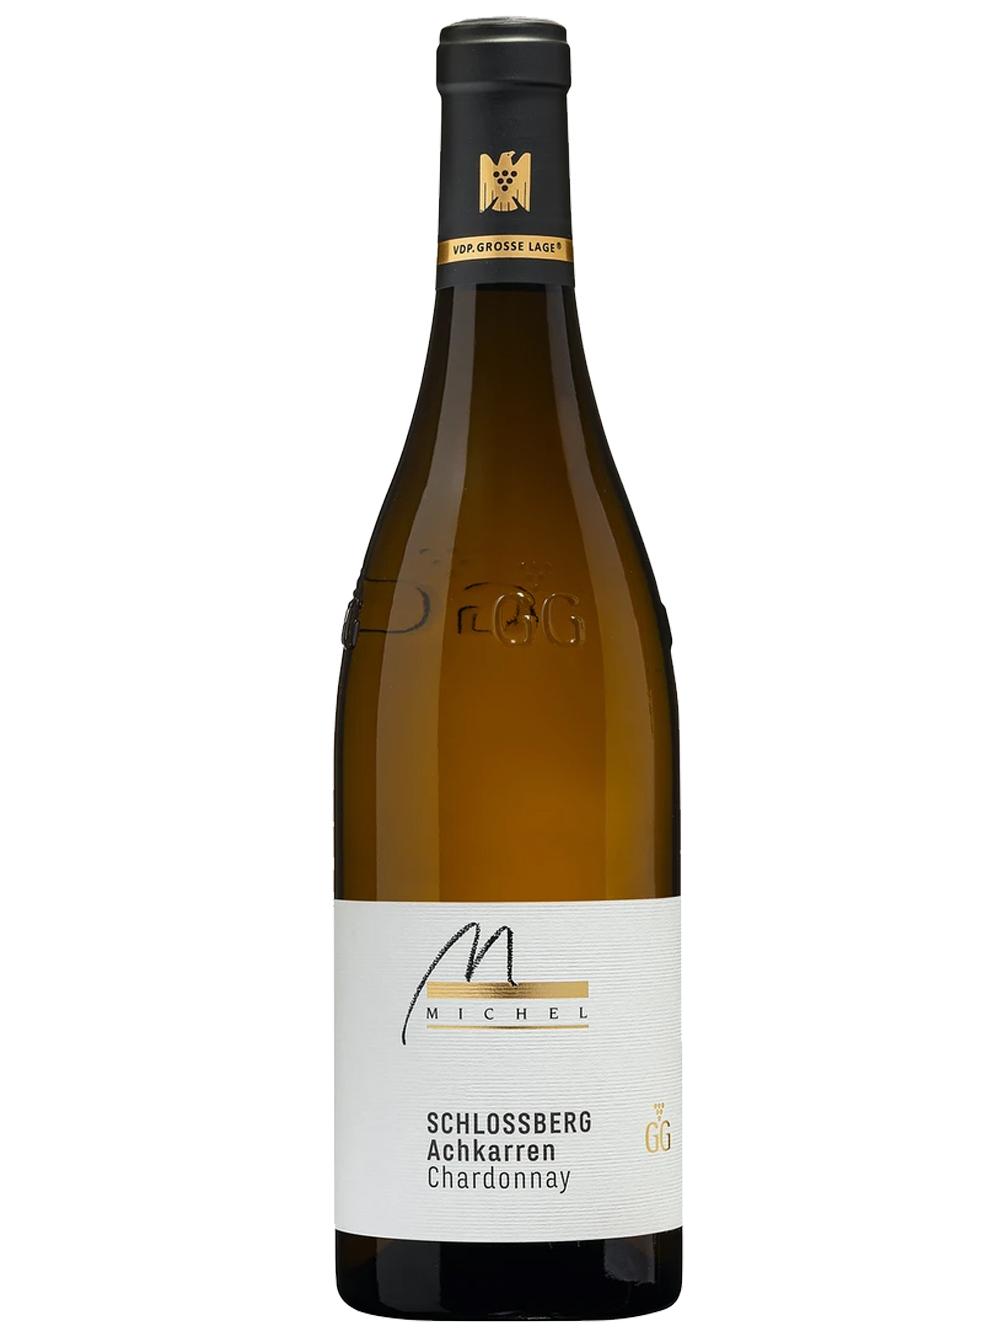 2019 Chardonnay Achkarrer Schlossberg GG